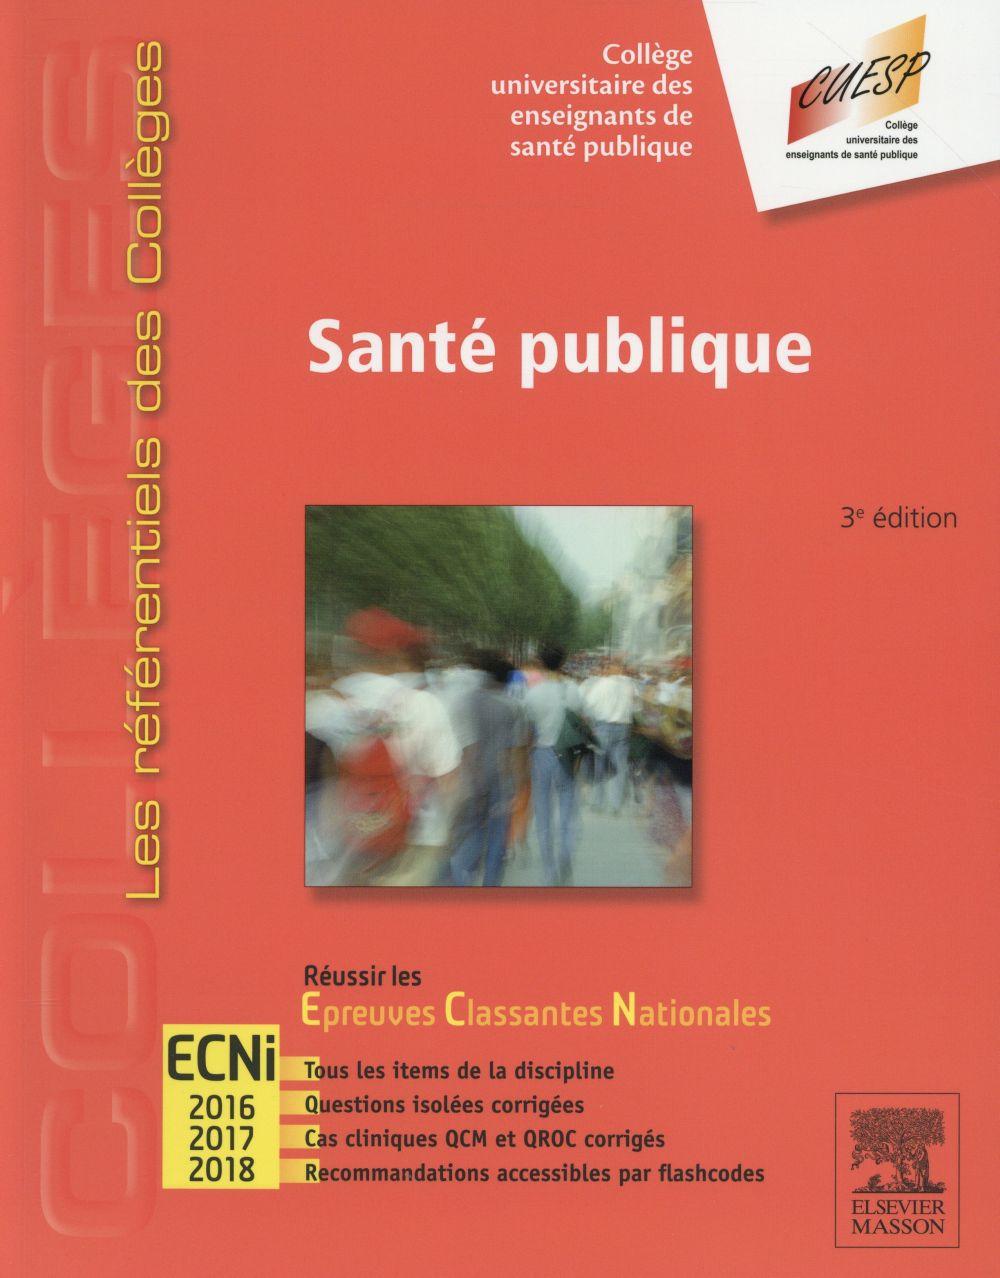 Santé publique (2e édition)